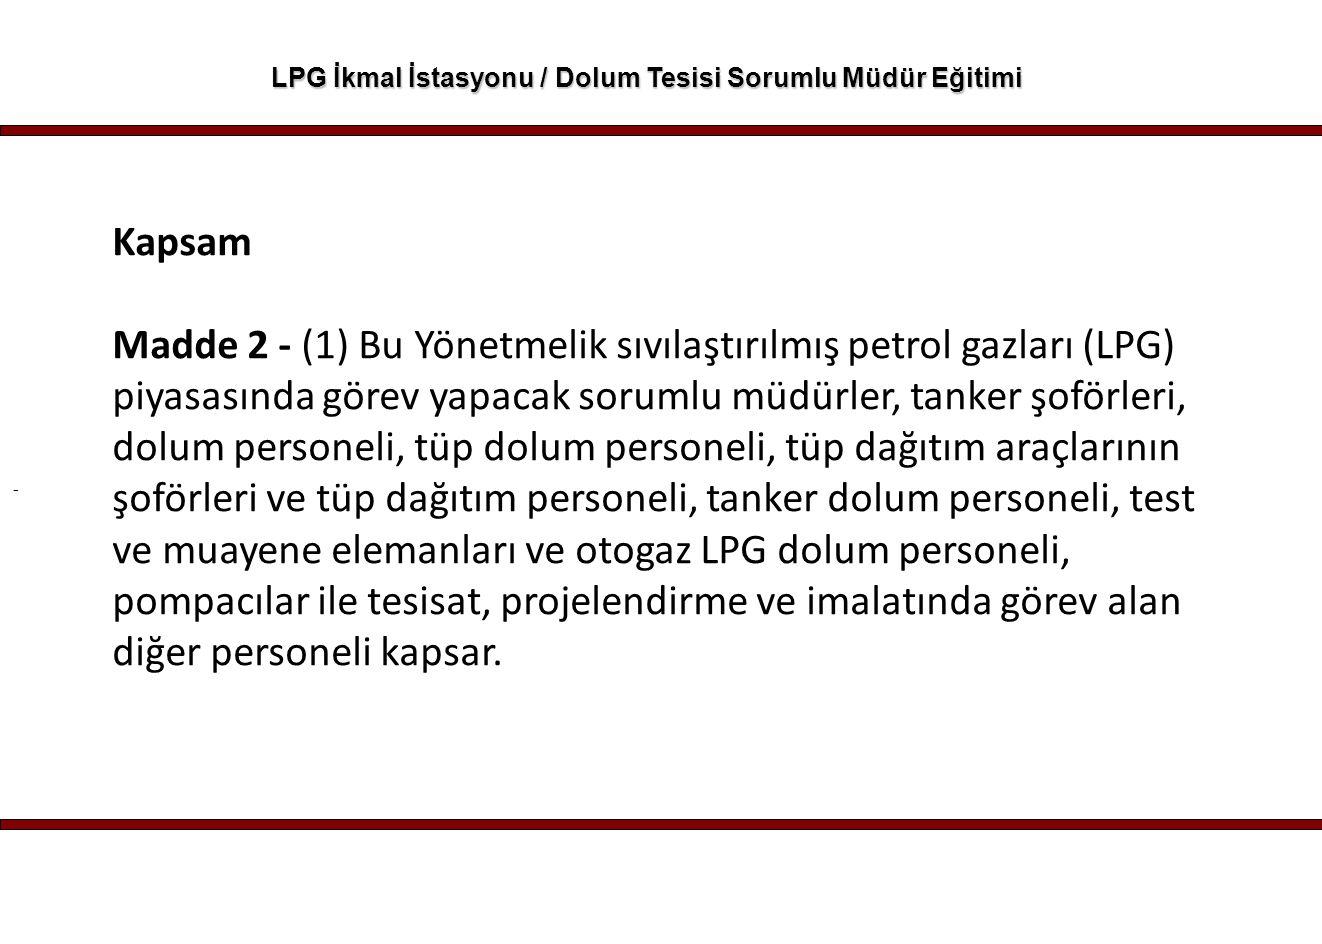 - LPG İkmal İstasyonu / Dolum Tesisi Sorumlu Müdür Eğitimi Kapsam Madde 2 - (1) Bu Yönetmelik sıvılaştırılmış petrol gazları (LPG) piyasasında görev y